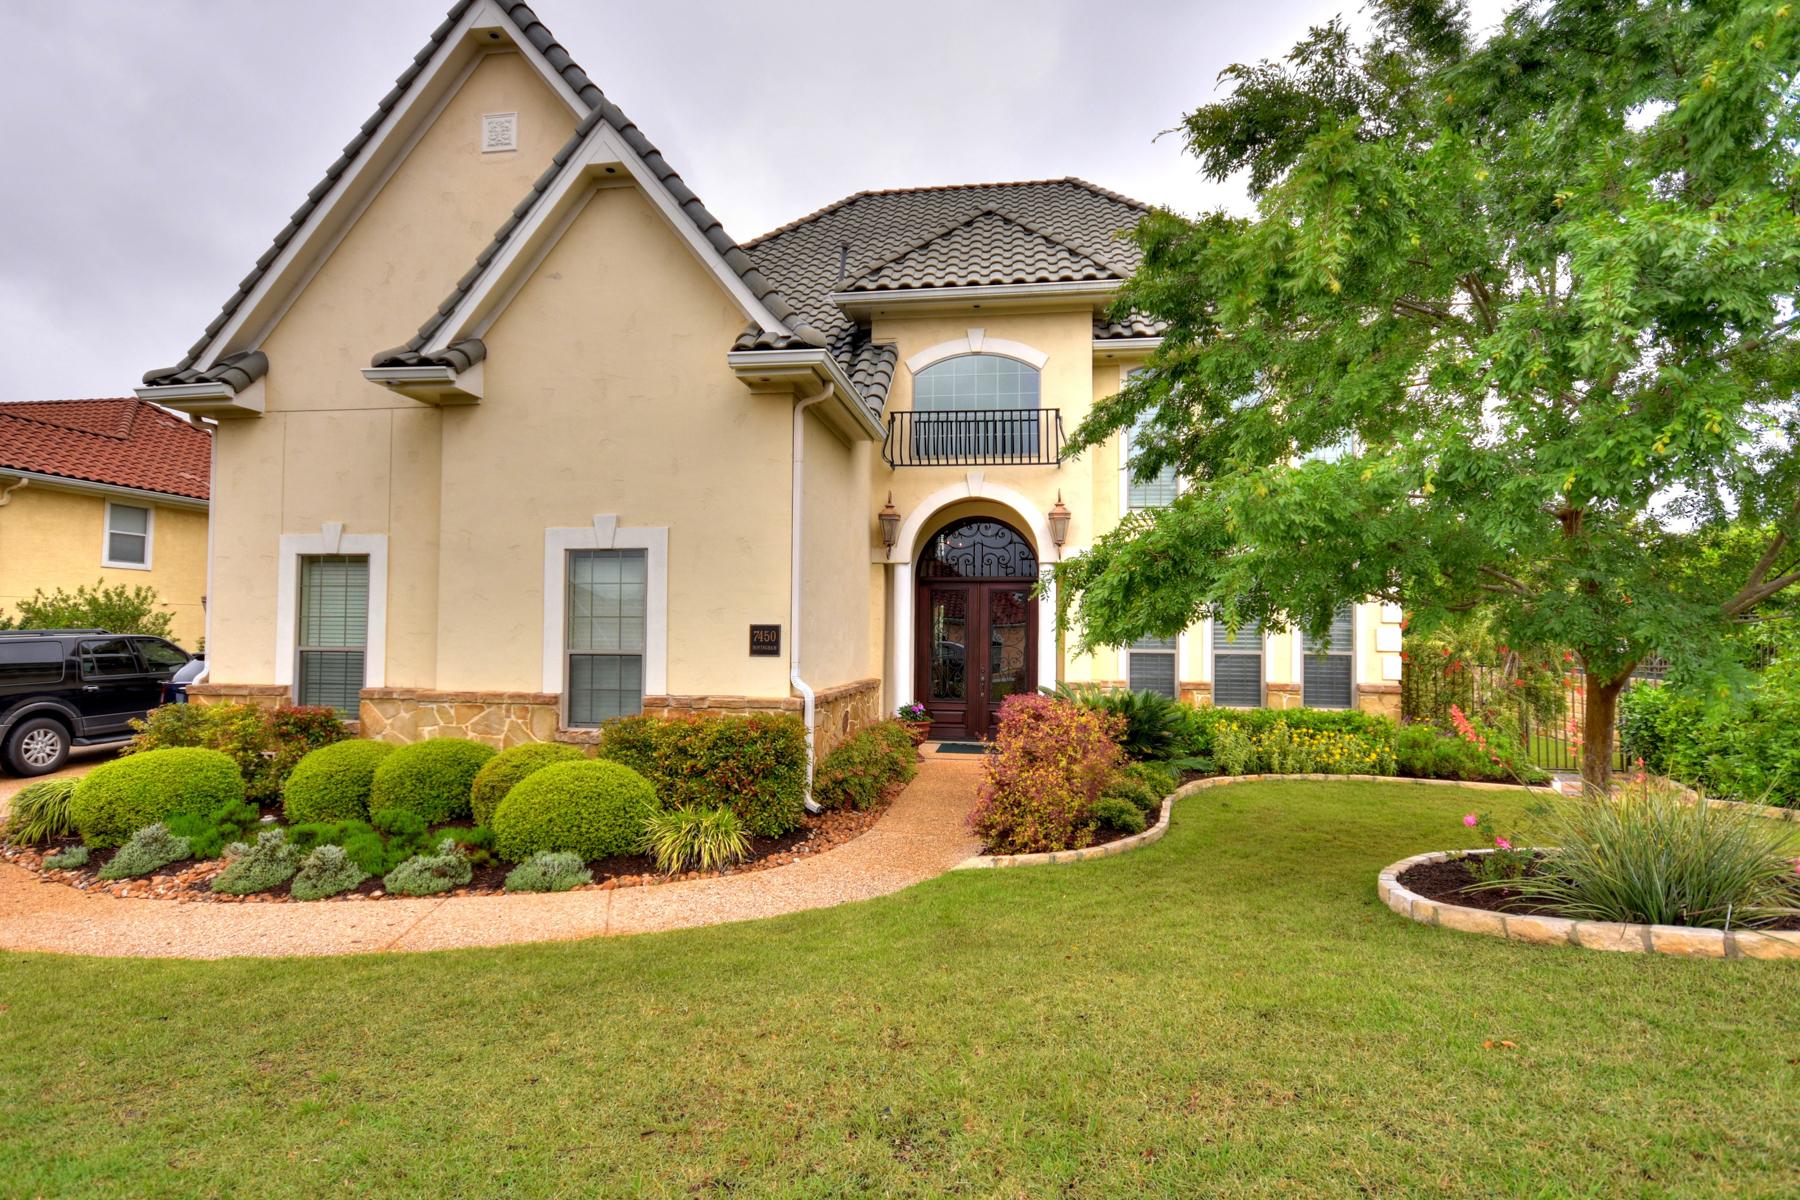 獨棟家庭住宅 為 出售 在 Exquisite Home in The Dominion 7450 Hovingham The Dominion, San Antonio, 德克薩斯州, 78257 美國